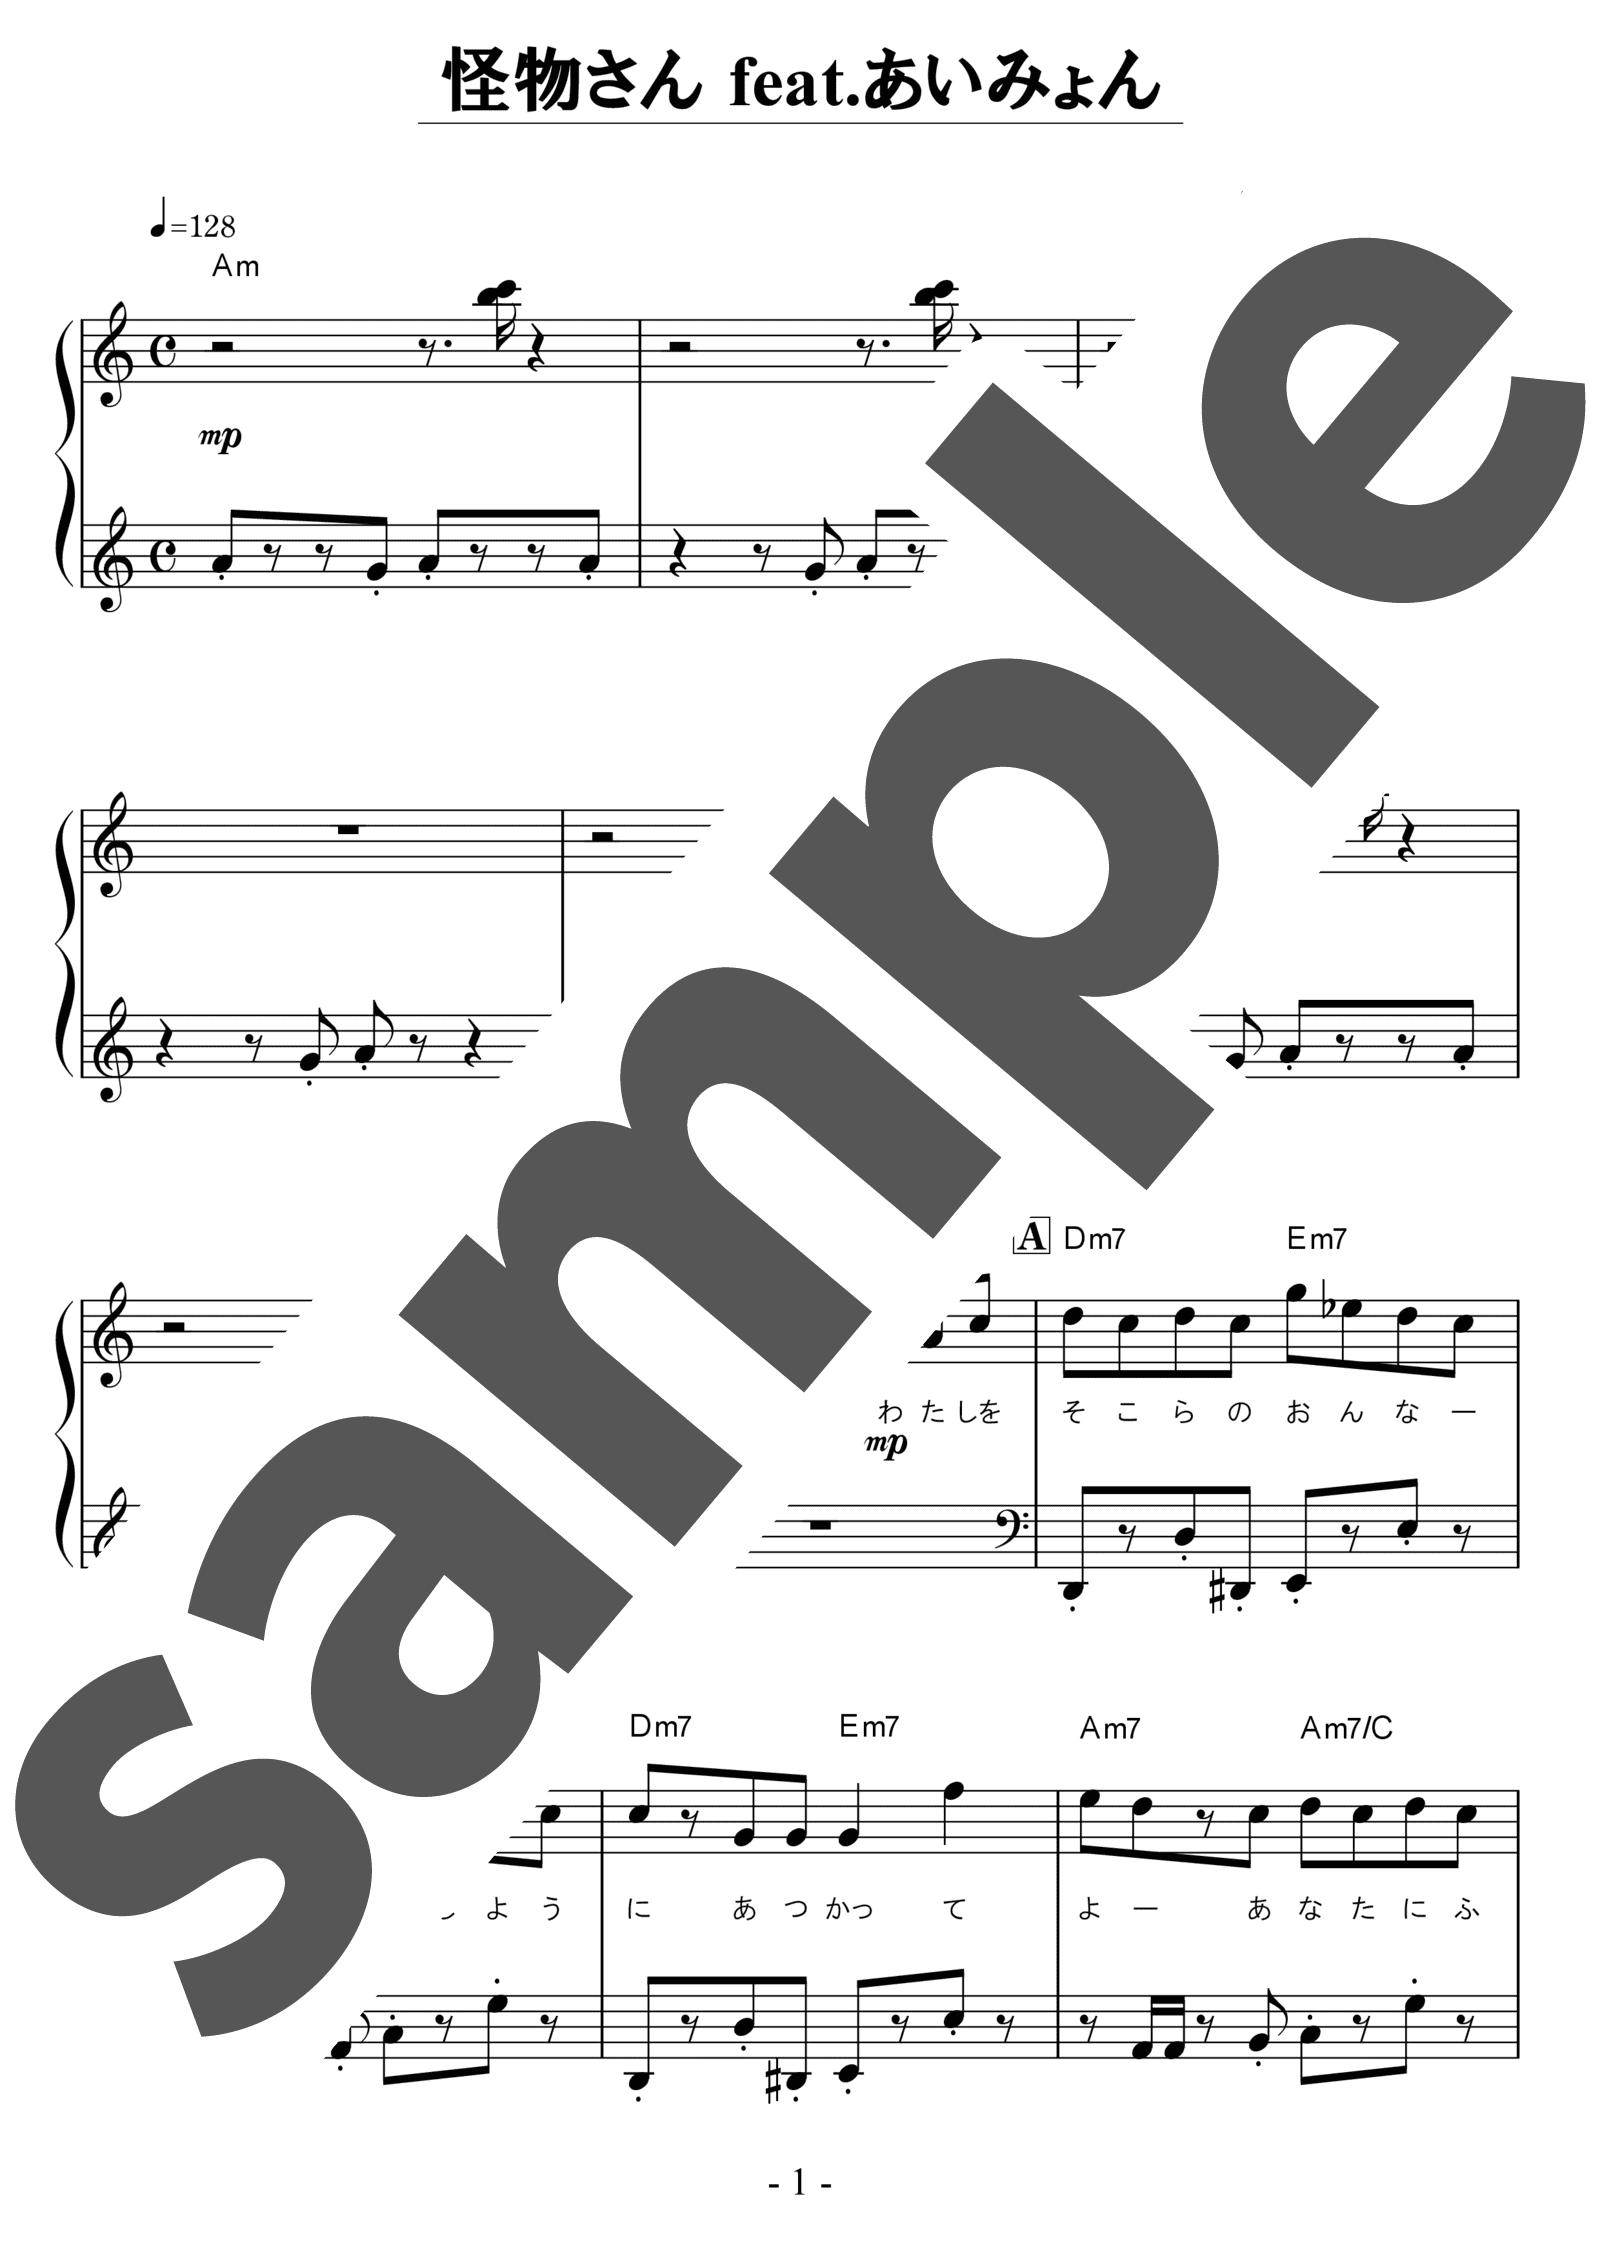 「怪物さん feat.あいみょん」のサンプル楽譜